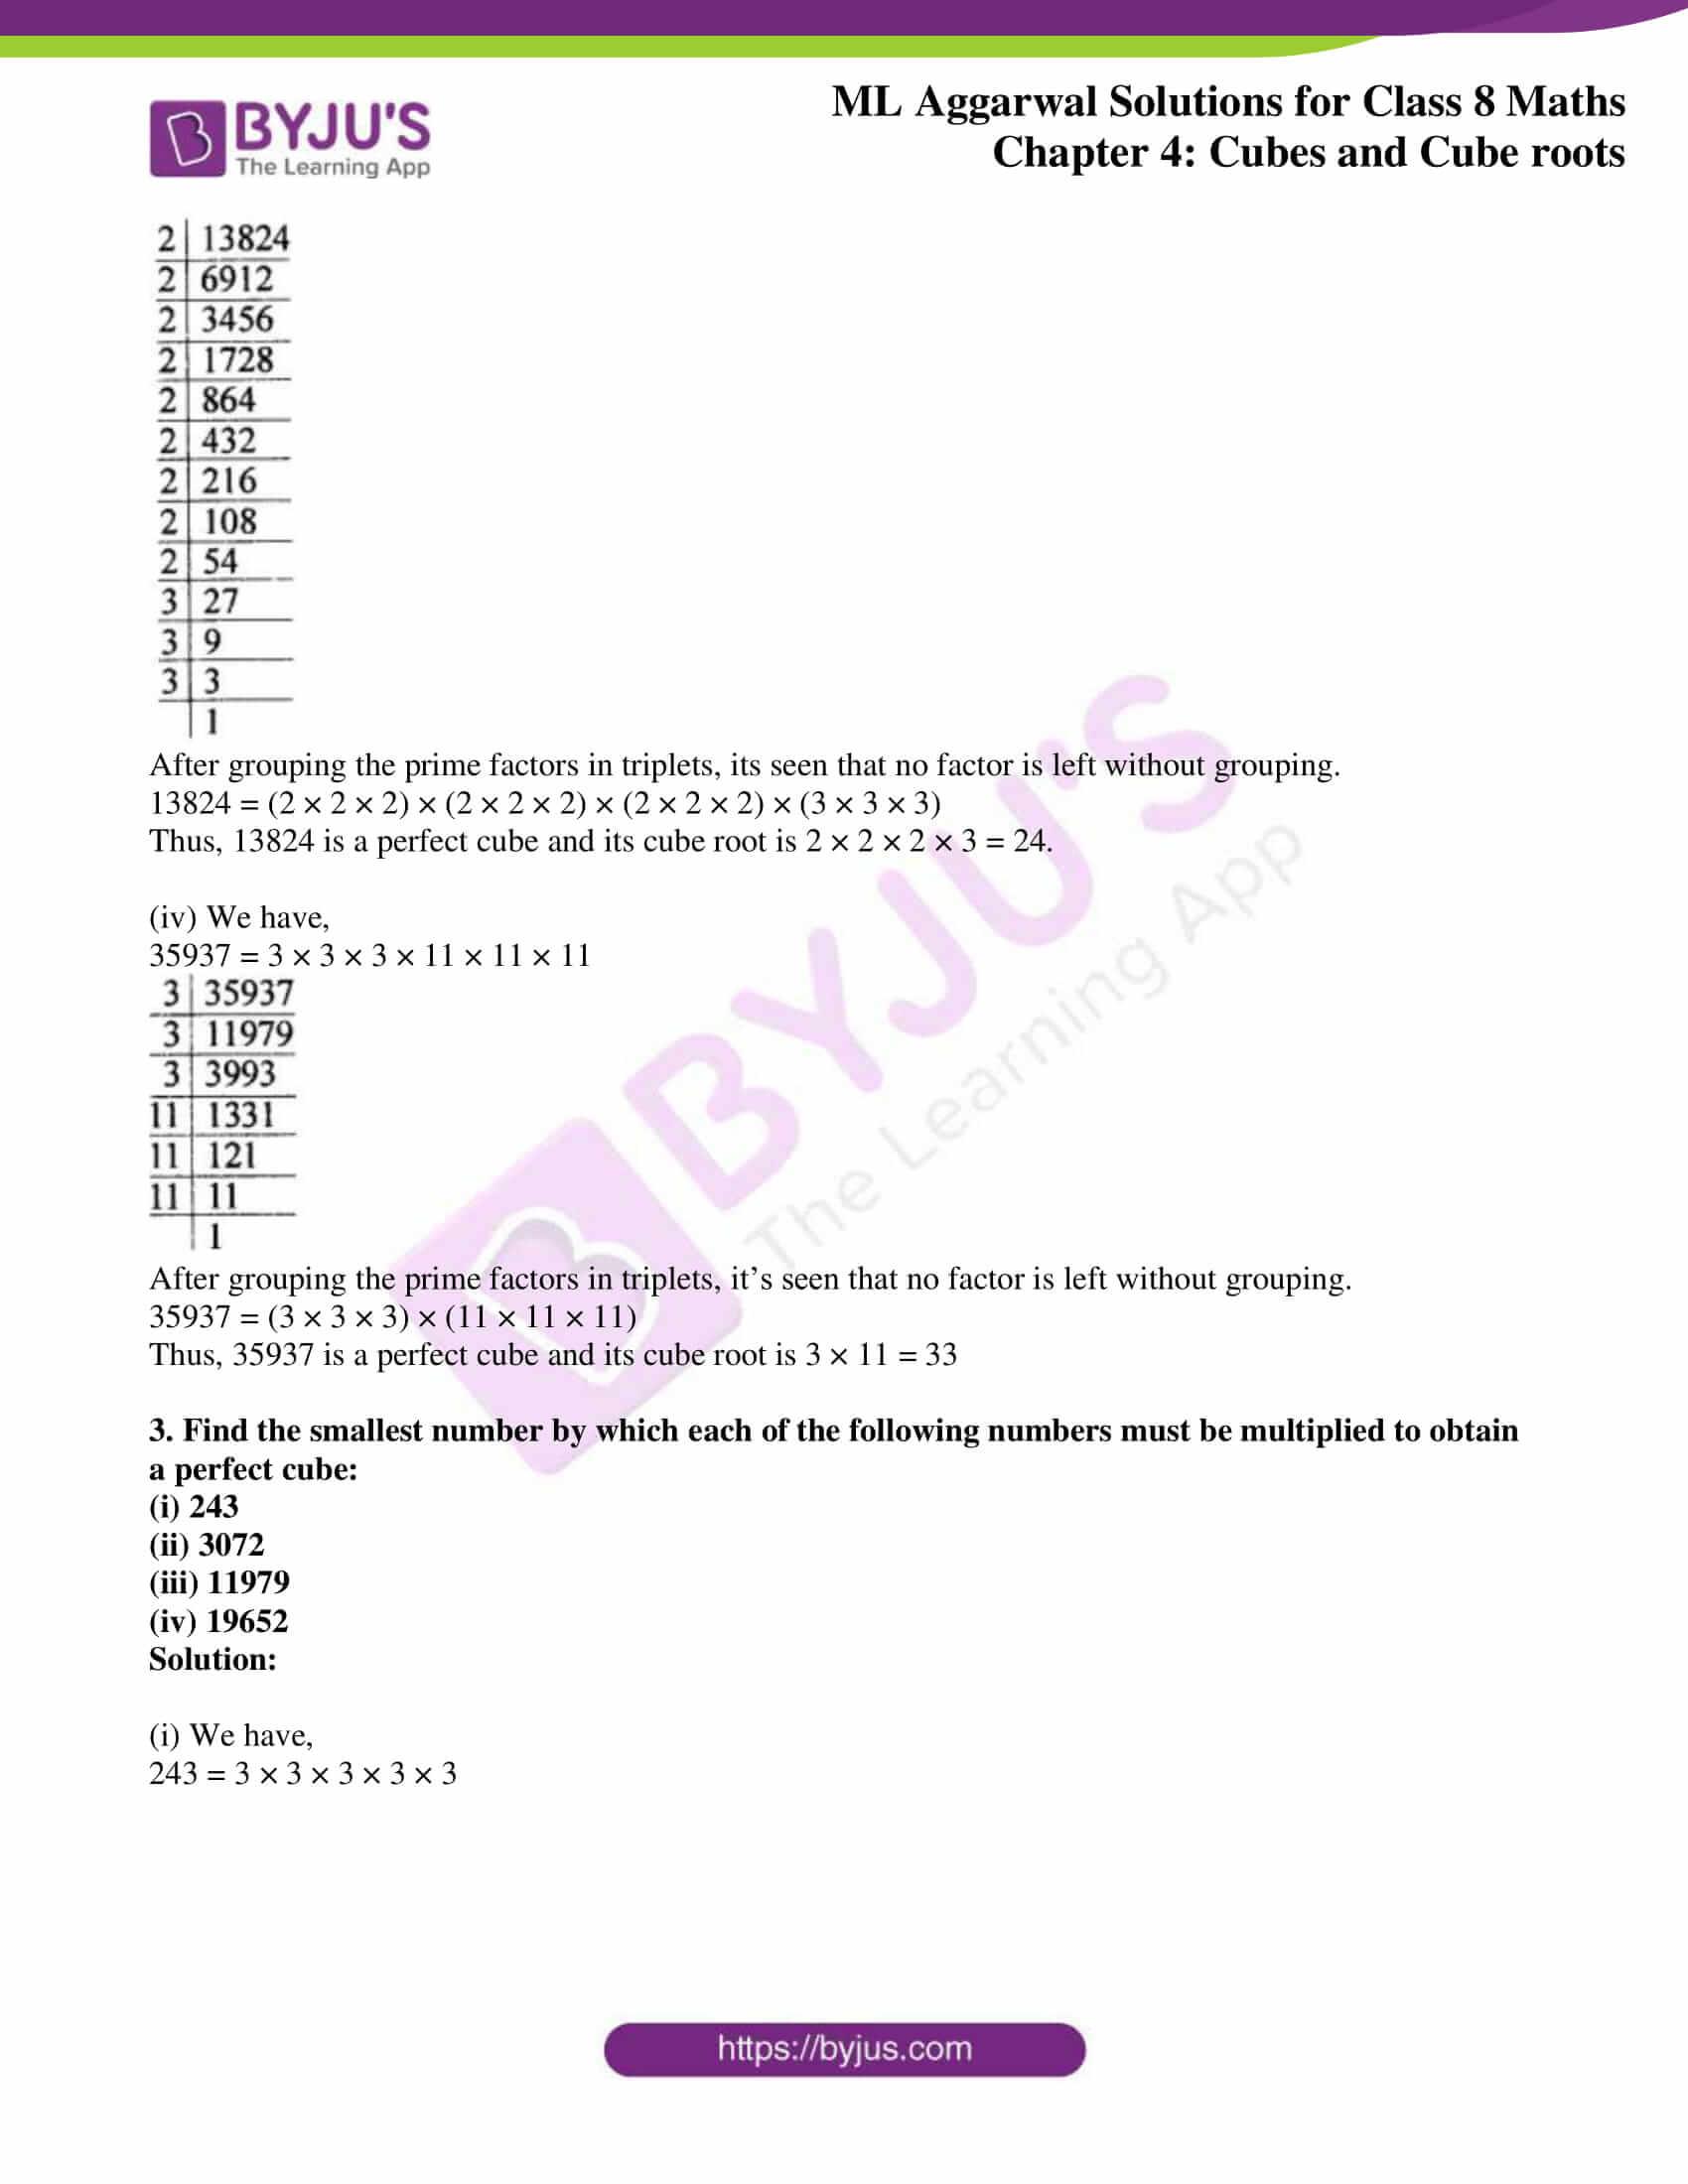 ml aggarwal sol mathematics class 8 ch 4 04